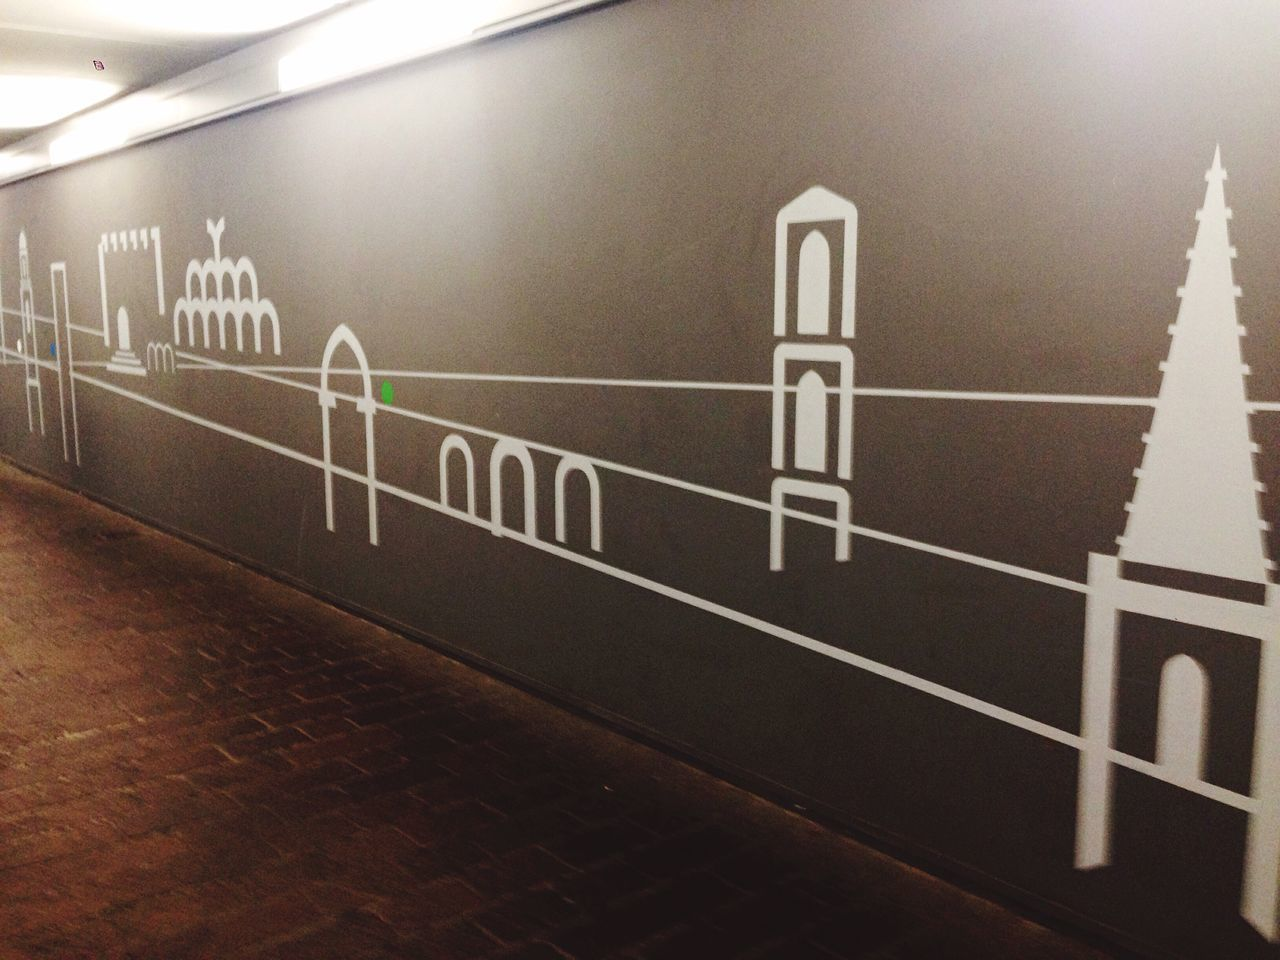 Underground Underground Passage First Eyeem Photo What's On The Roll